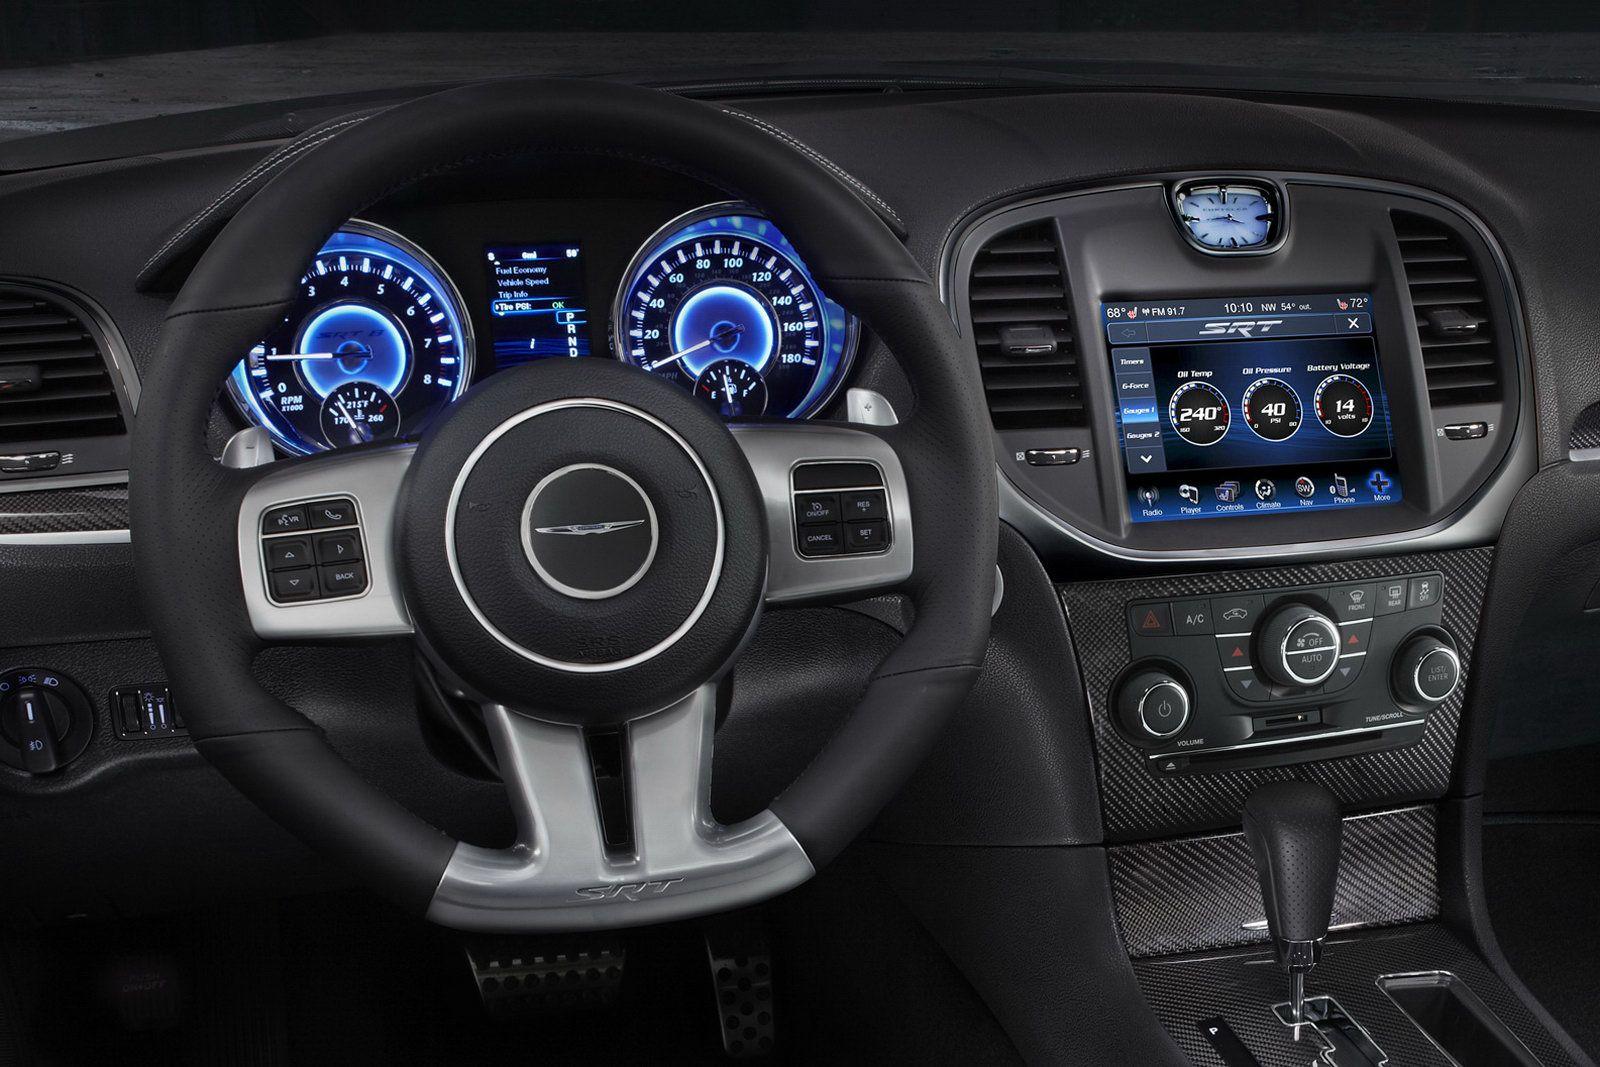 2012 Chrysler 300 Srt8 Brings The Thunder With 465hp 6 4 Liter